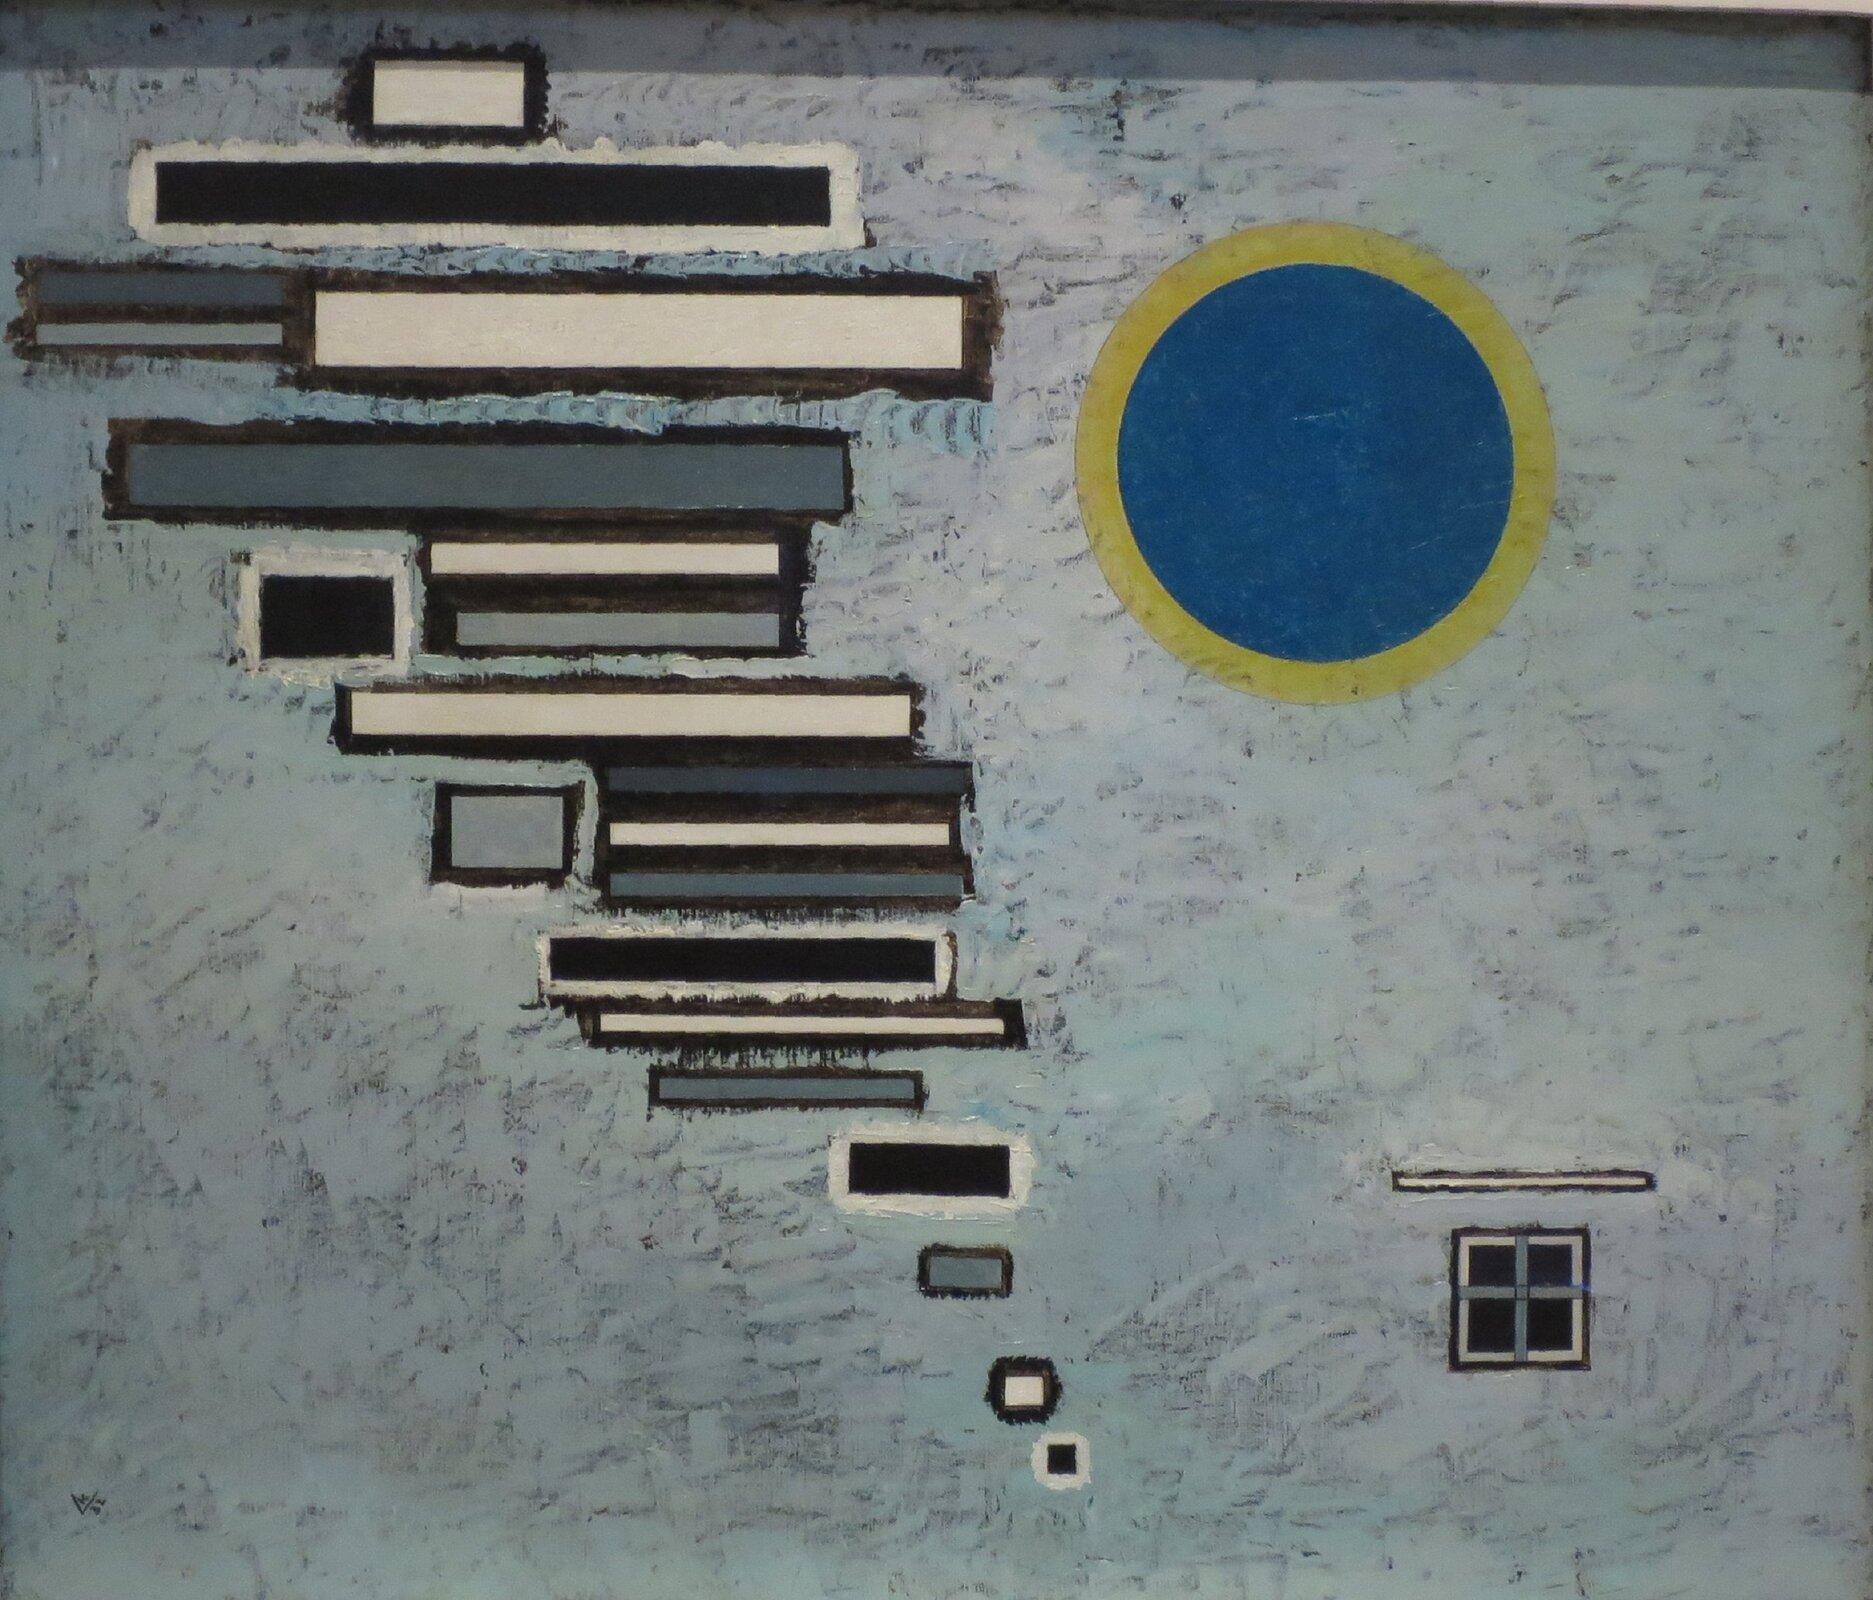 """Ilustracja przedstawia abstrakcję Wassily'a Kandinsky'ego """"Nierówny"""". Na szarym tle po lewej stronie znajdują się czarne, szare ibiałe prostokąty różnej długości, ułożone wpoziomie jeden nad drugim. Każdy znich otoczony jest konturem - czarne białym, aszare ibiałe - czarnym. Kilka mniejszych figur znimi sąsiaduje. Po prawej stronie, wgórnej części dzieła, znajduje się niebieski okrąg zżółtym, grubym konturem. Wprawym, dolnym rogu artysta zamieścił czarne, kwadratowe okienko podzielone na cztery części, anad nim białą pionową, krótką linię."""